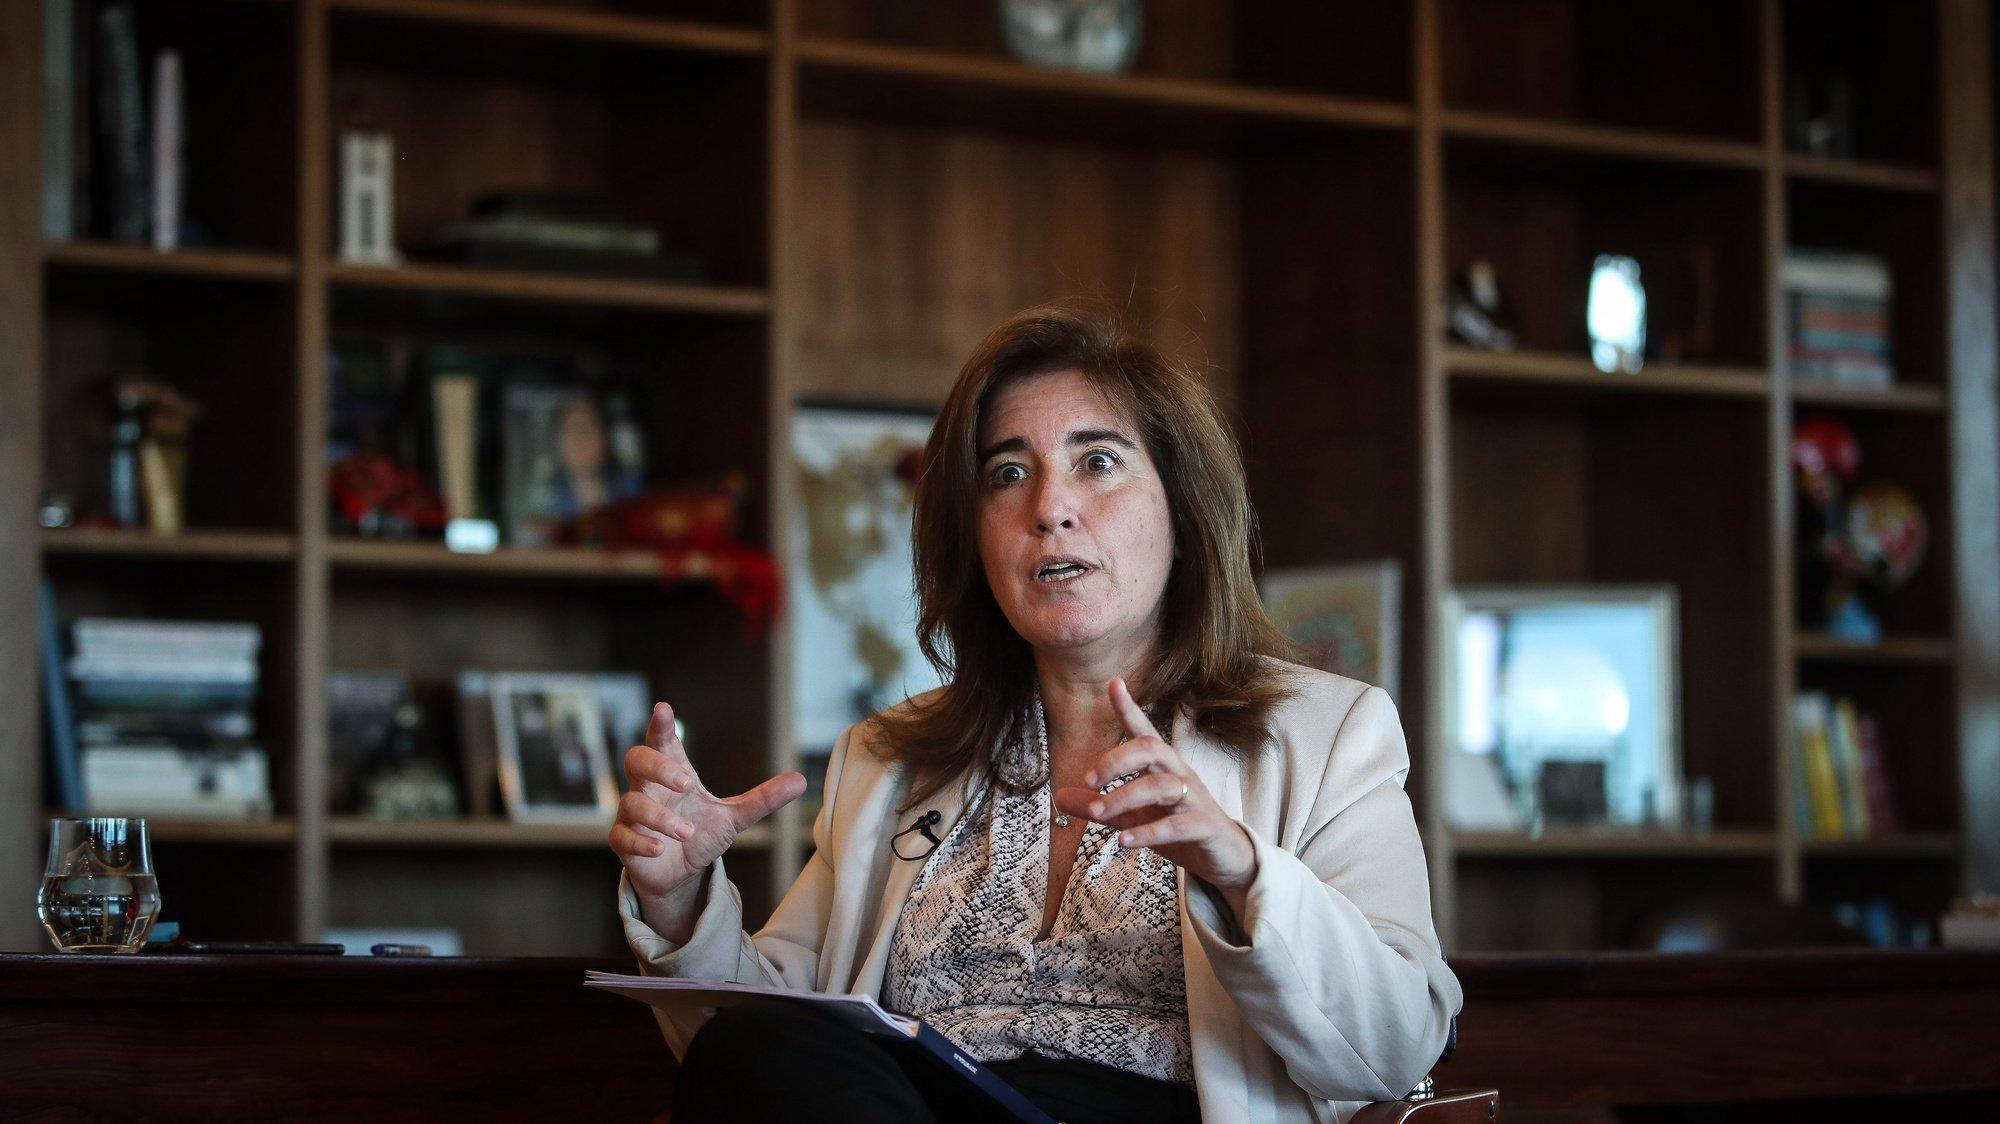 A ministra do Trabalho, Solidariedade e Segurança Social, Ana Mendes Godinho, durante uma entrevista à agência Lusa, em Lisboa, 02 de julho de 2021. (ACOMPANHA TEXTO DA LUSA DO DIA 04 DE JULHO DE 2021). MÁRIO CRUZ/LUSA